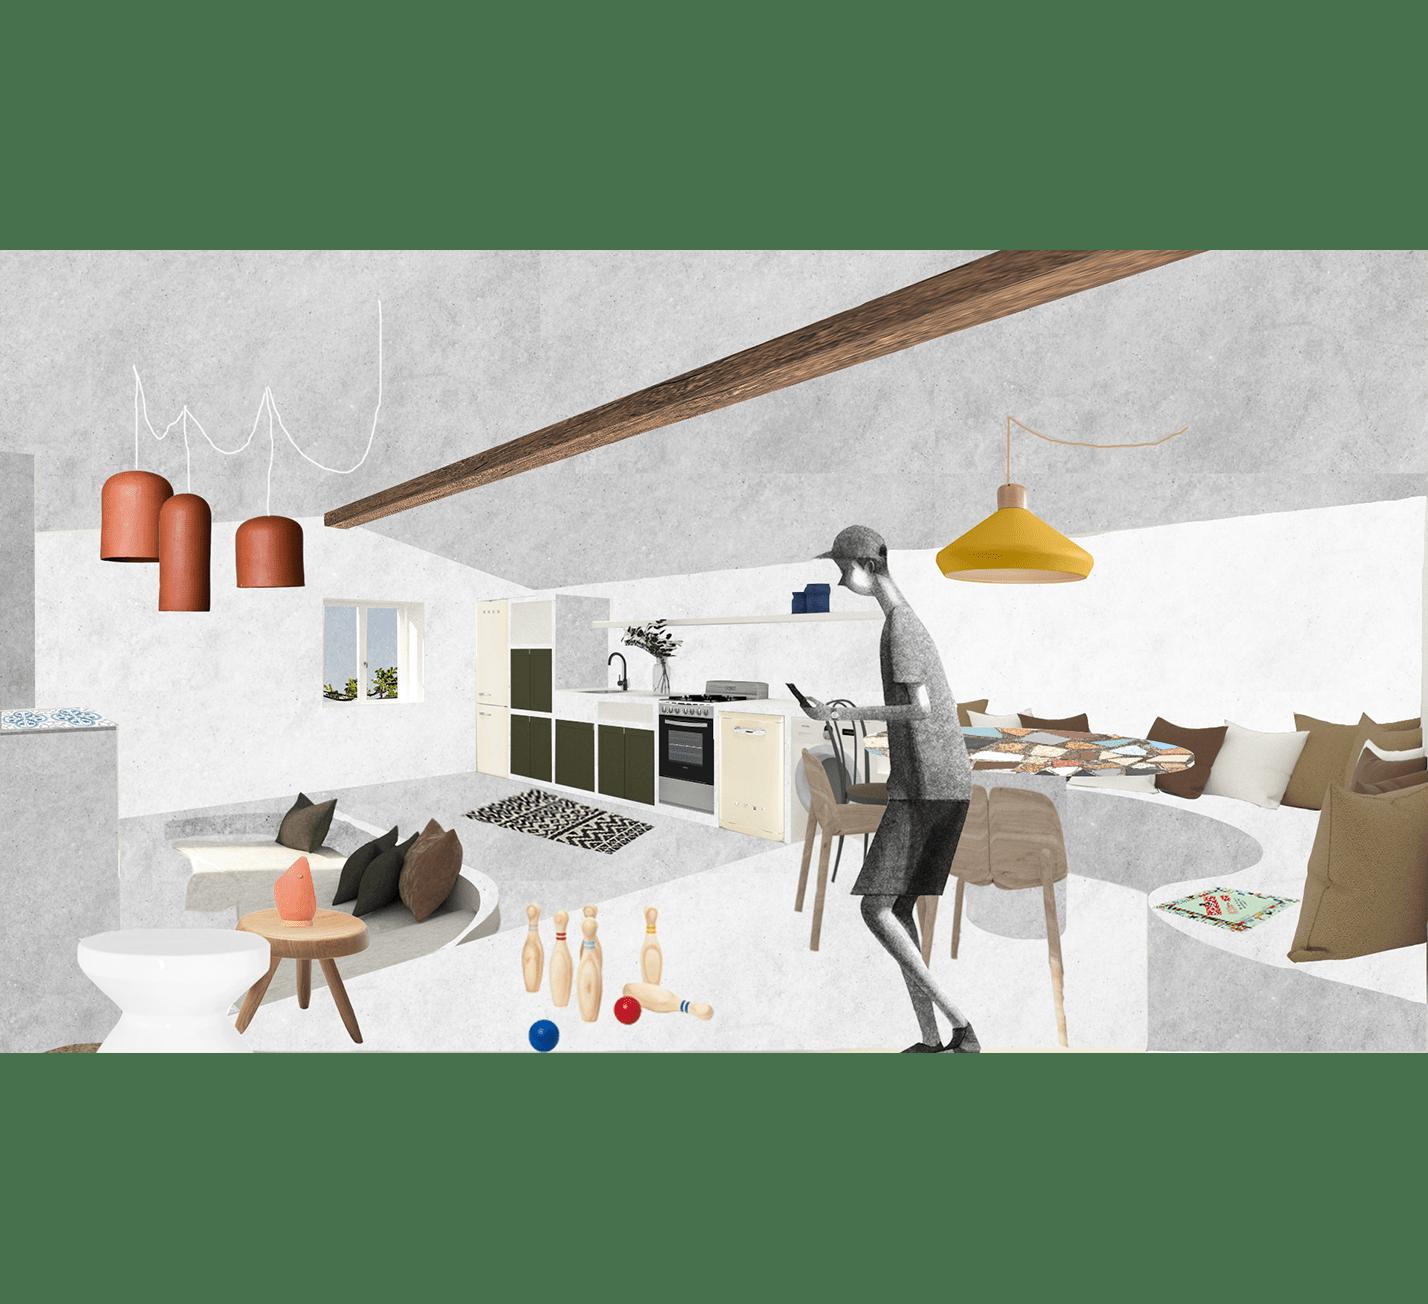 Projet-Bergeries-Atelier-Steve-Pauline-Borgia-Architecte-interieur-Vue-cuisine-02-min